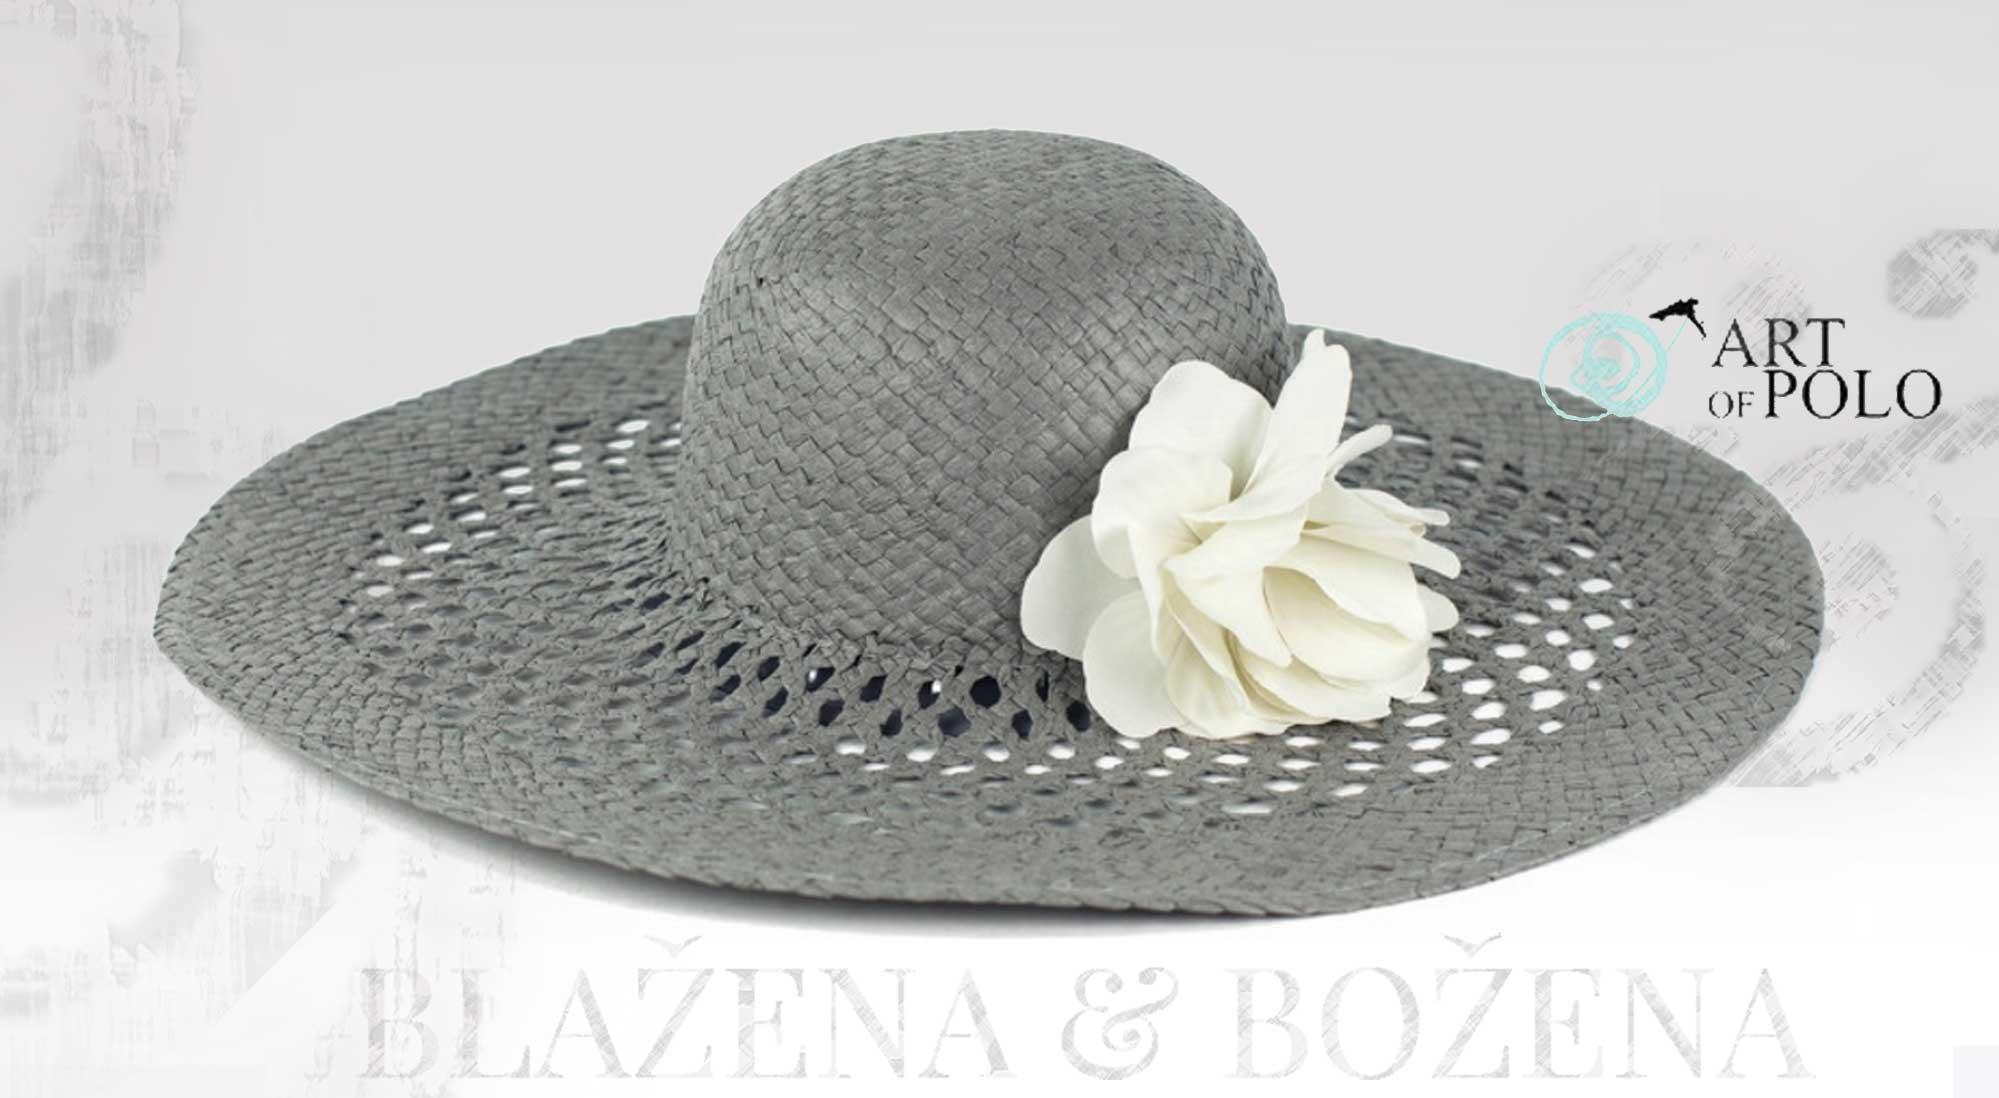 Blažena Božena. královny klobouků. Šedý letní klobouk s květinou c3a5542f11